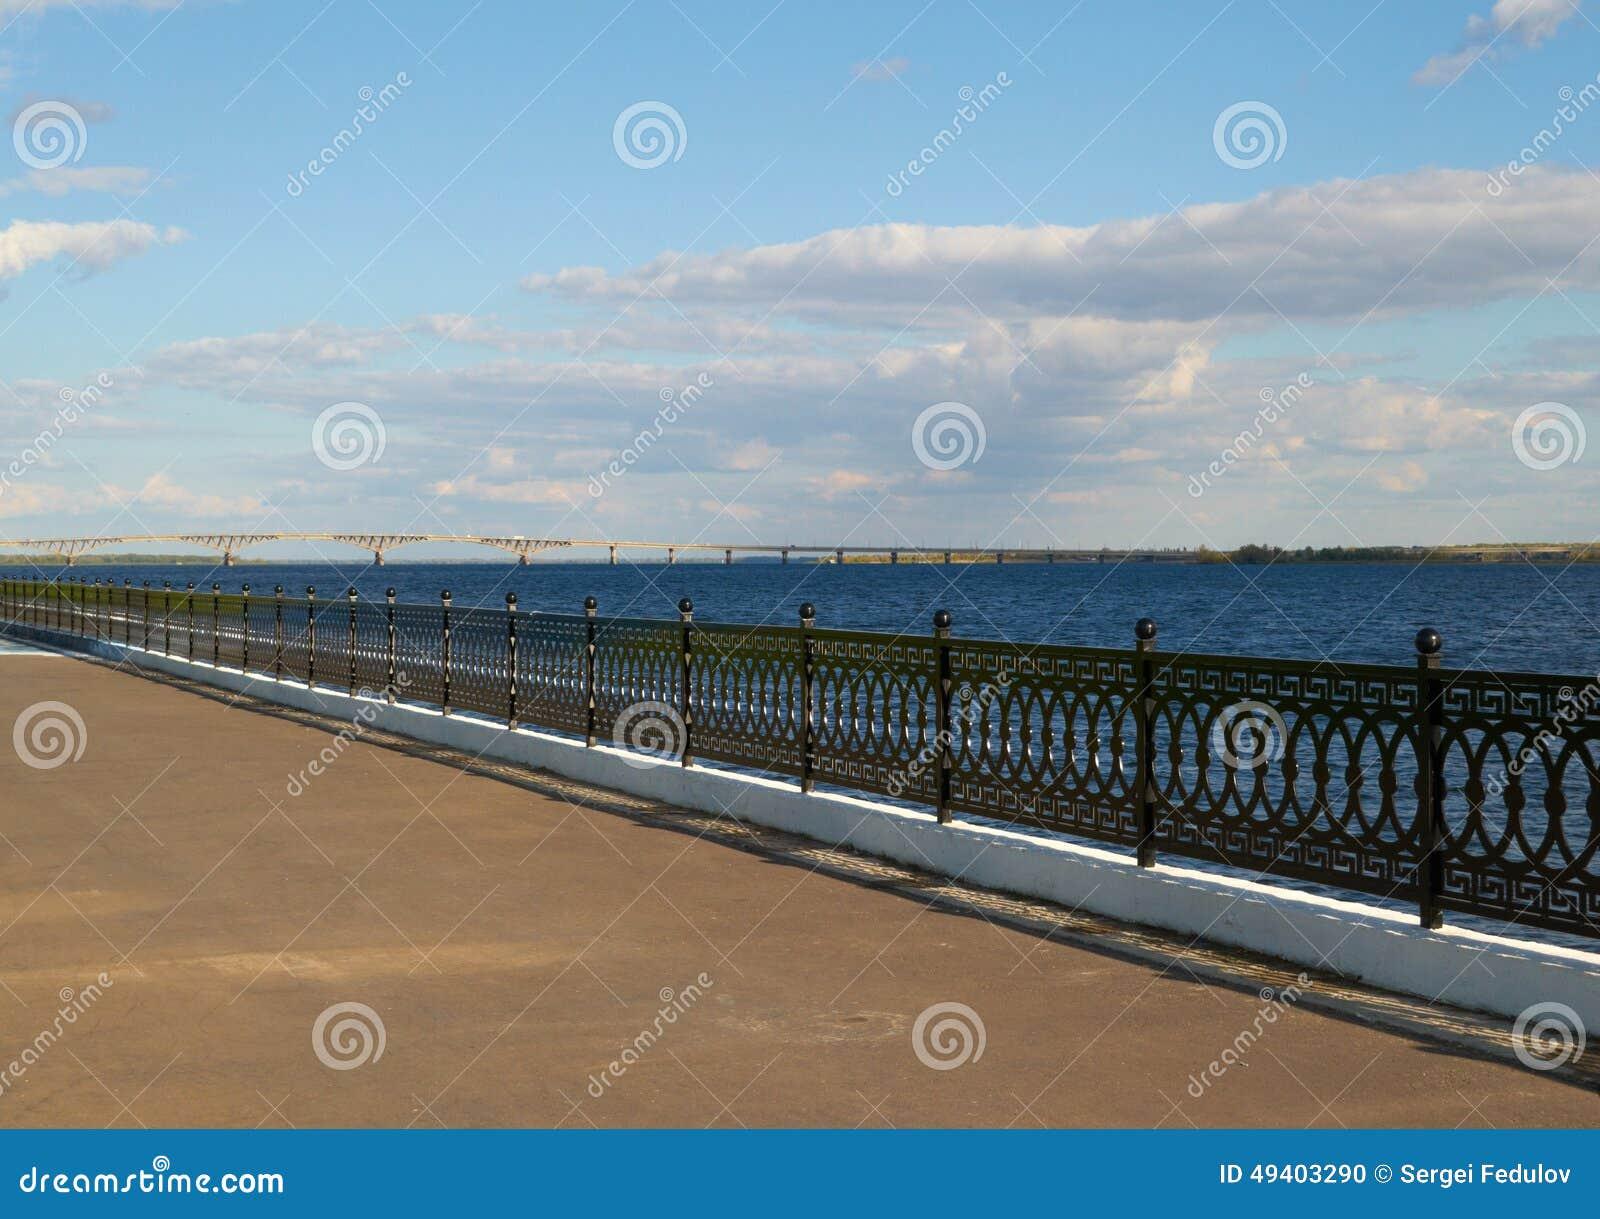 Download Quay Und Bridgeon Der Fluss Stockfoto - Bild von landschaft, grenzstein: 49403290